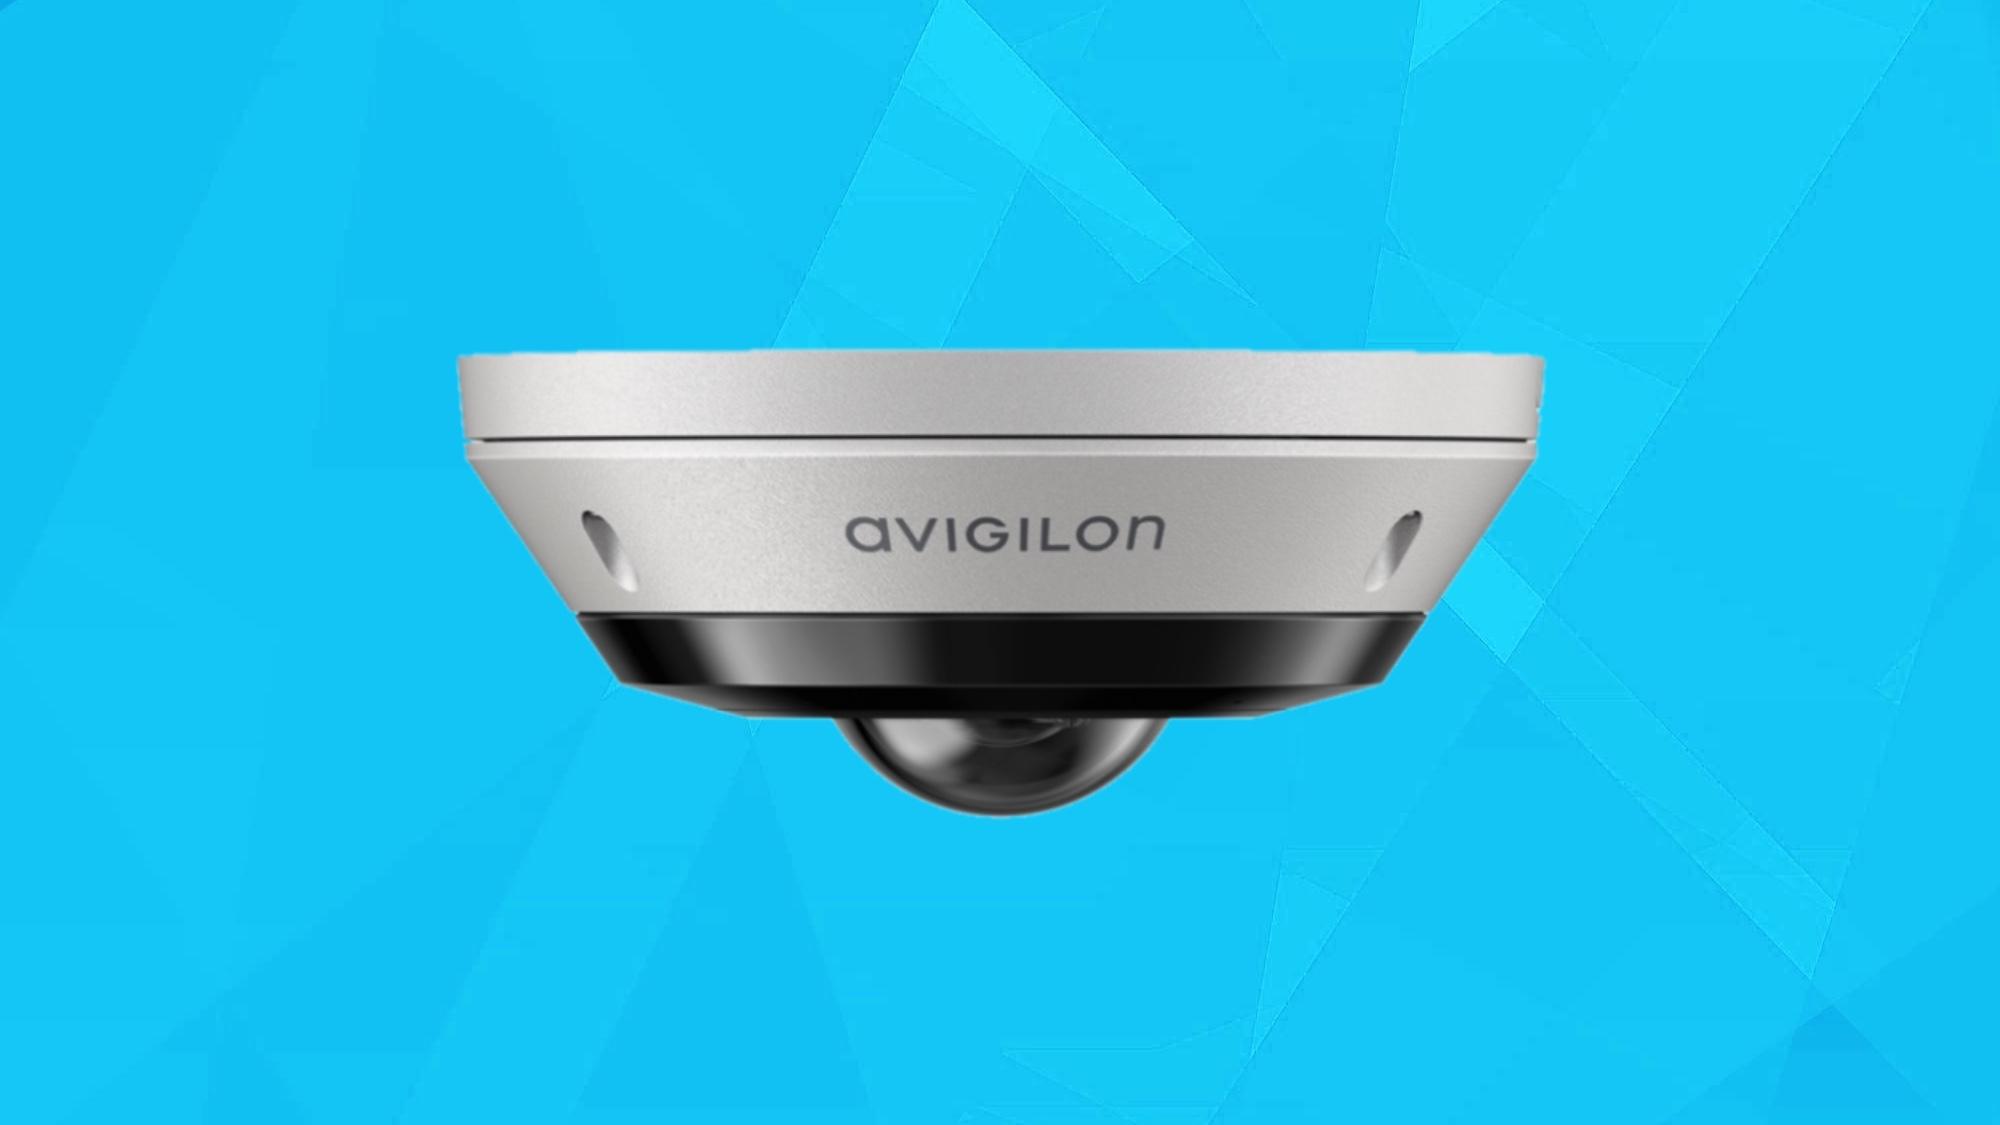 Avigilon Fisheye camera v2